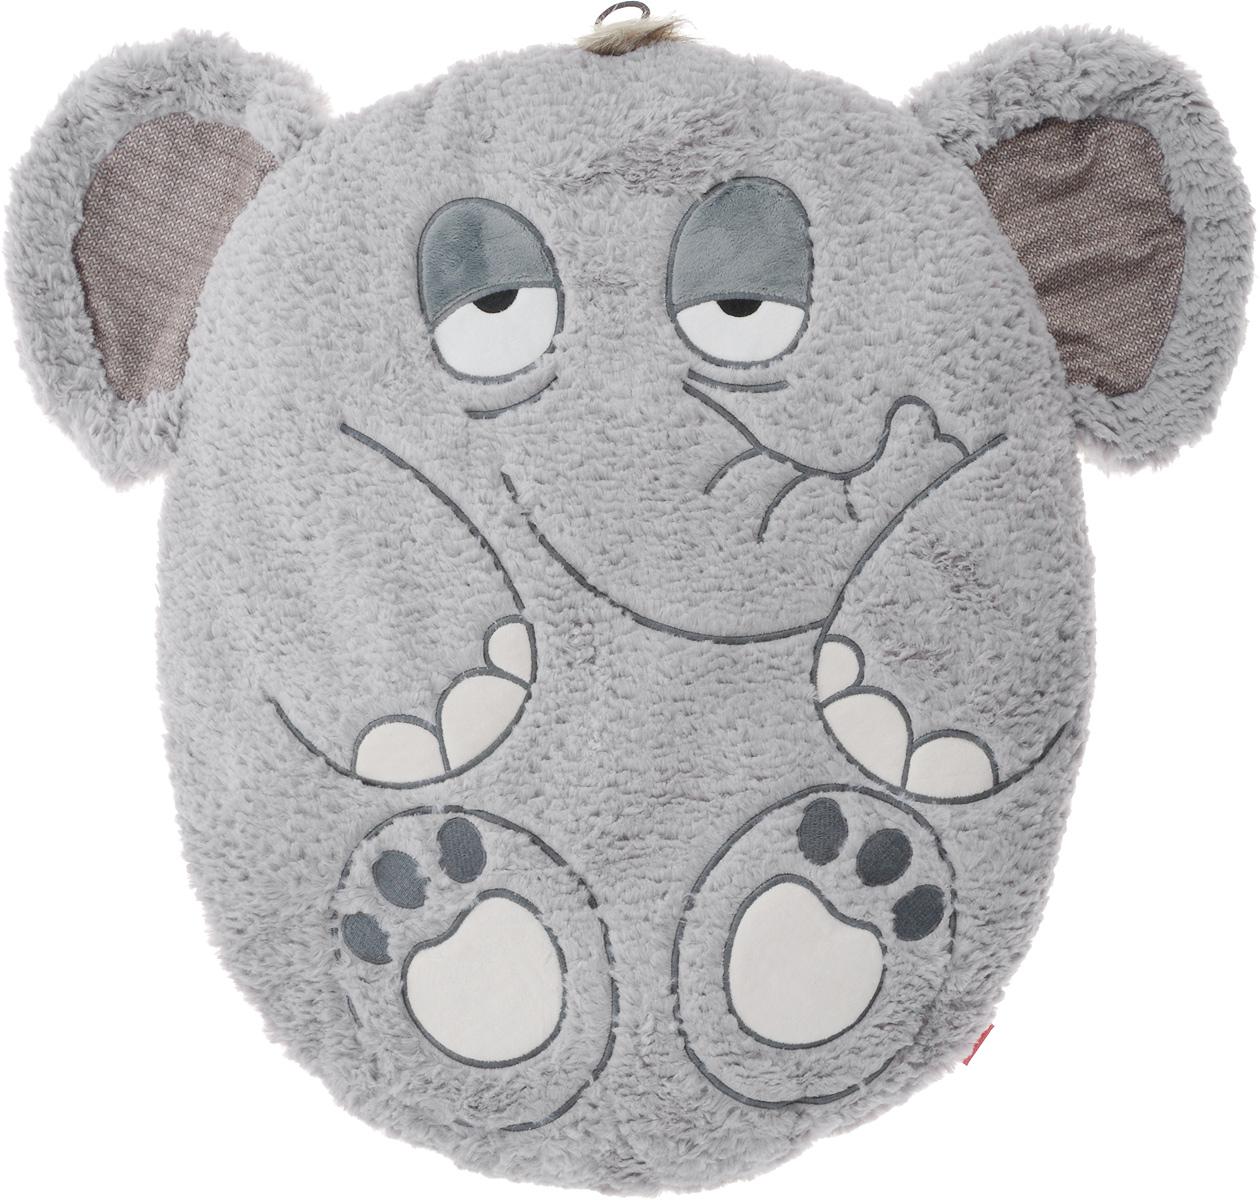 Лежак для собак GiGwi Слон, 53 х 45 х 6 см75358Мягкий лежак GiGwi Слон изготовлен из качественных материалов с отделкой из искусственного меха. Наполнителем служит мягкий синтепон. Такой материал не теряет своей формы долгое время. Оформлен лежак в виде слона.За изделием легко ухаживать, его можно стирать вручную.Мягкий лежак станет излюбленным местом вашего питомца, подарит ему спокойный и комфортный сон, а также убережет вашу мебель от шерсти. Размер: 53 х 45 х 6 см.